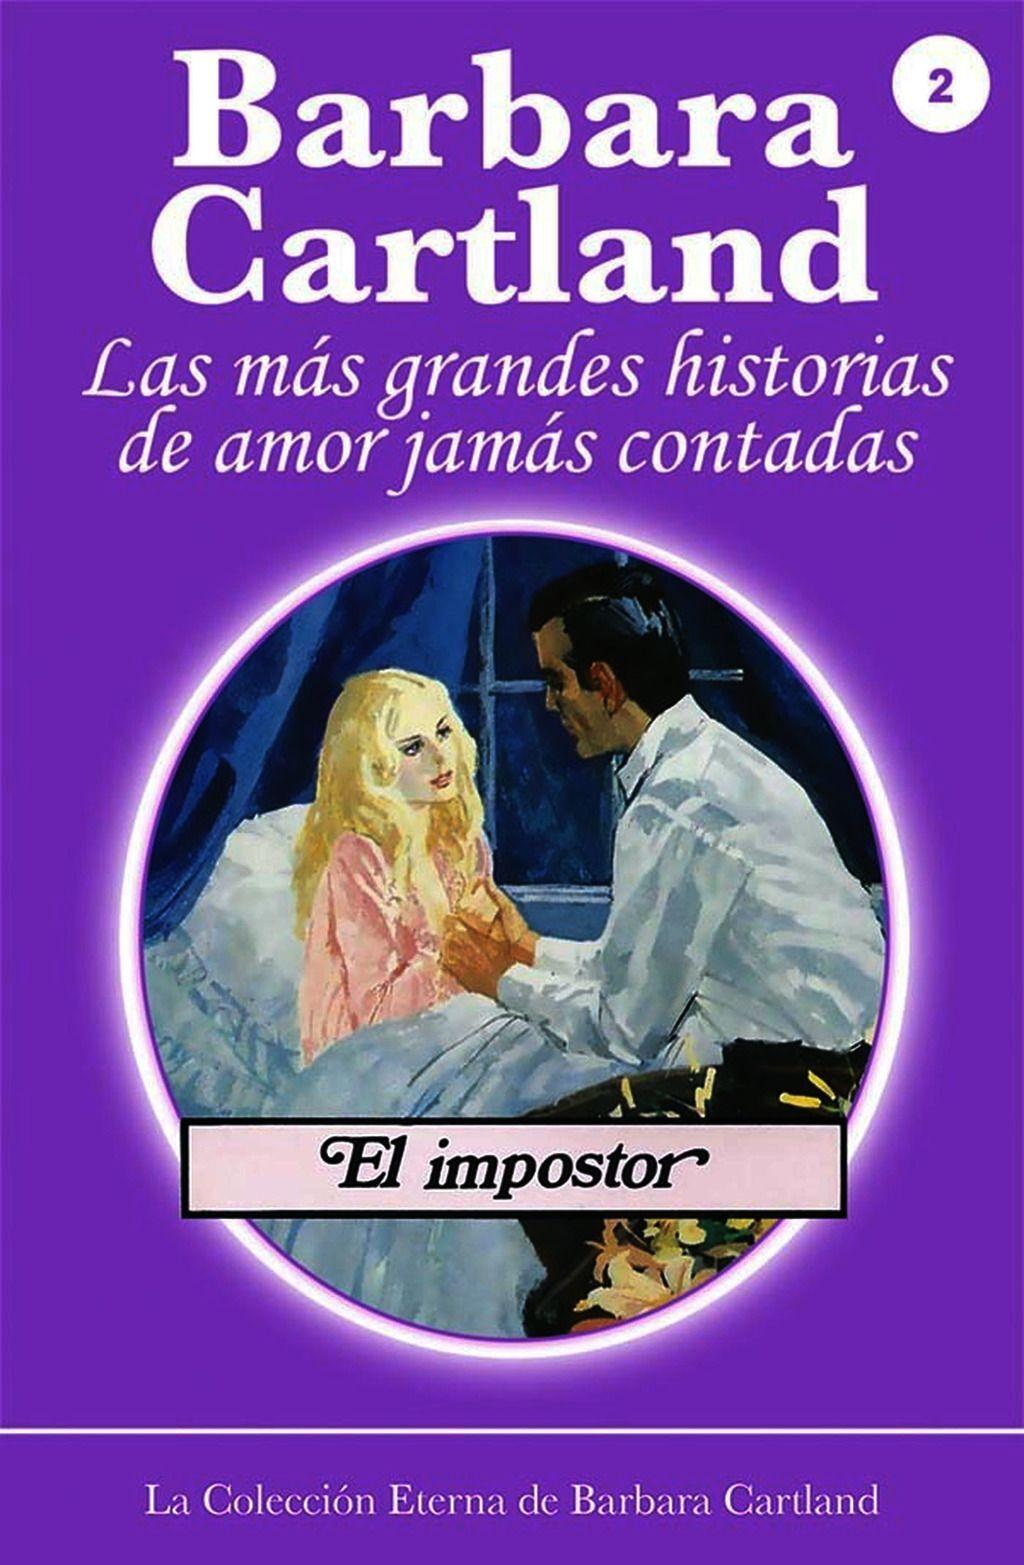 02. E Impostor